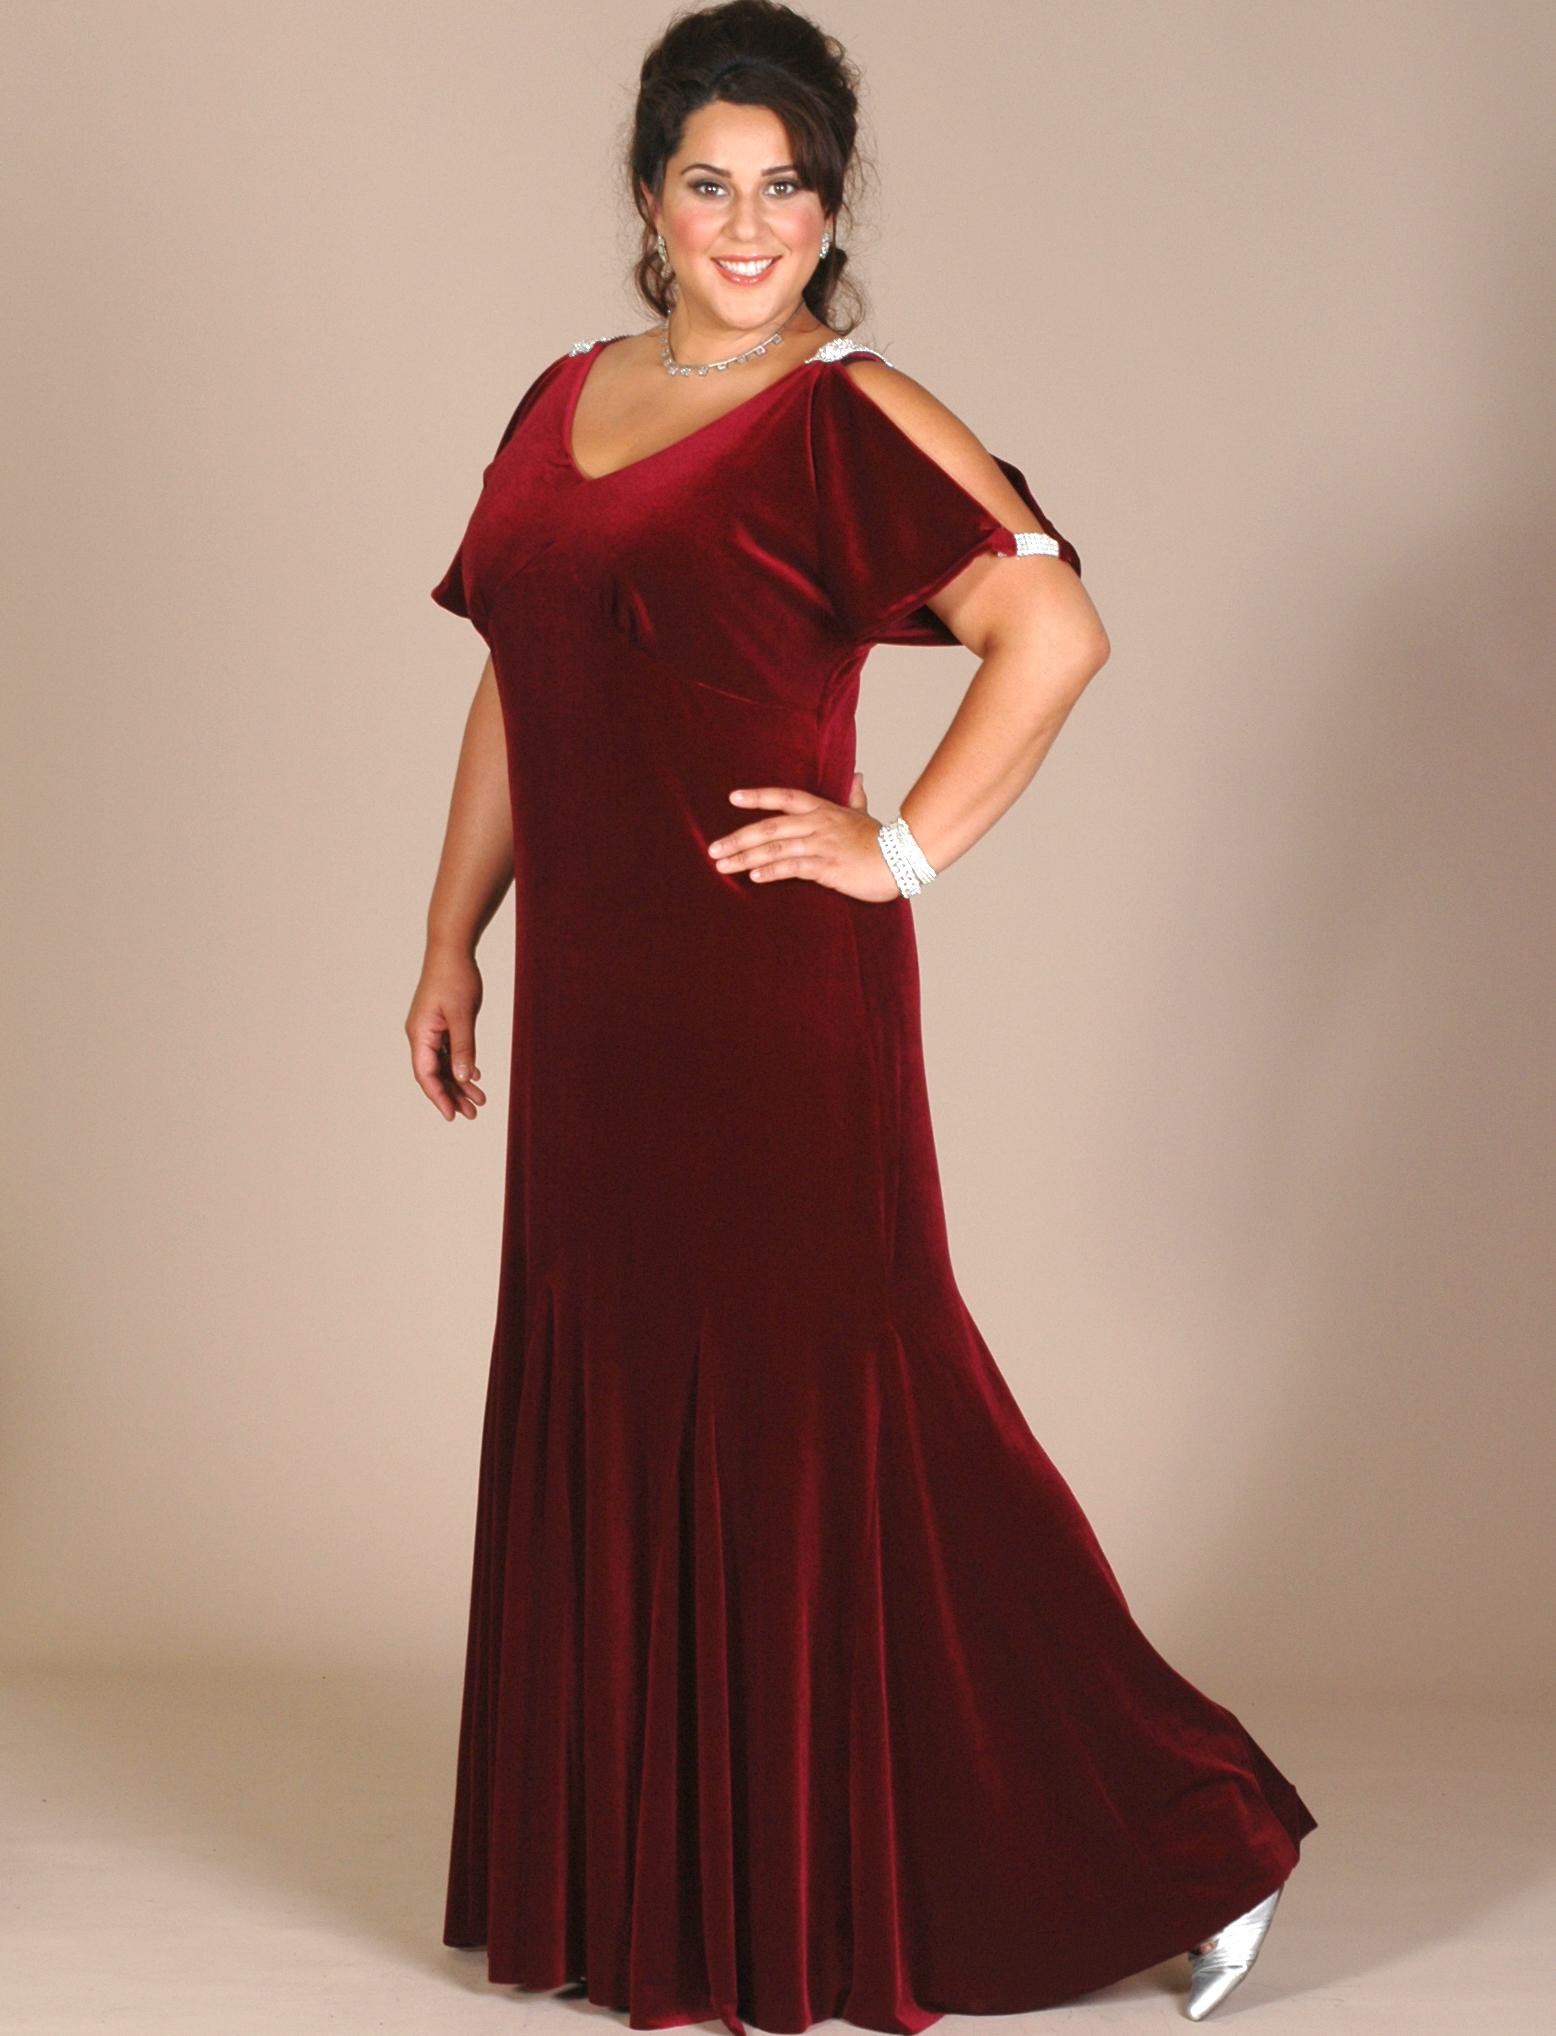 Velvet Plus Size Dresses Best Dressed